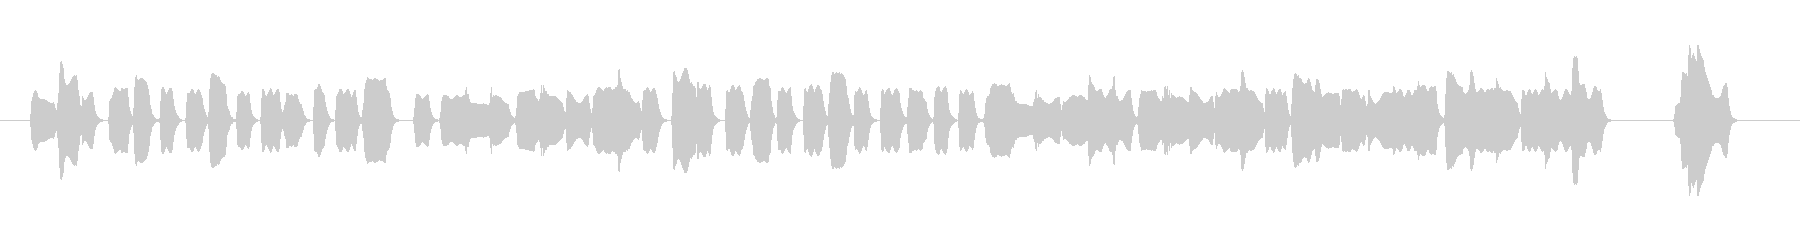 陽気なオカリナのジングルニ長調の未再生の波形